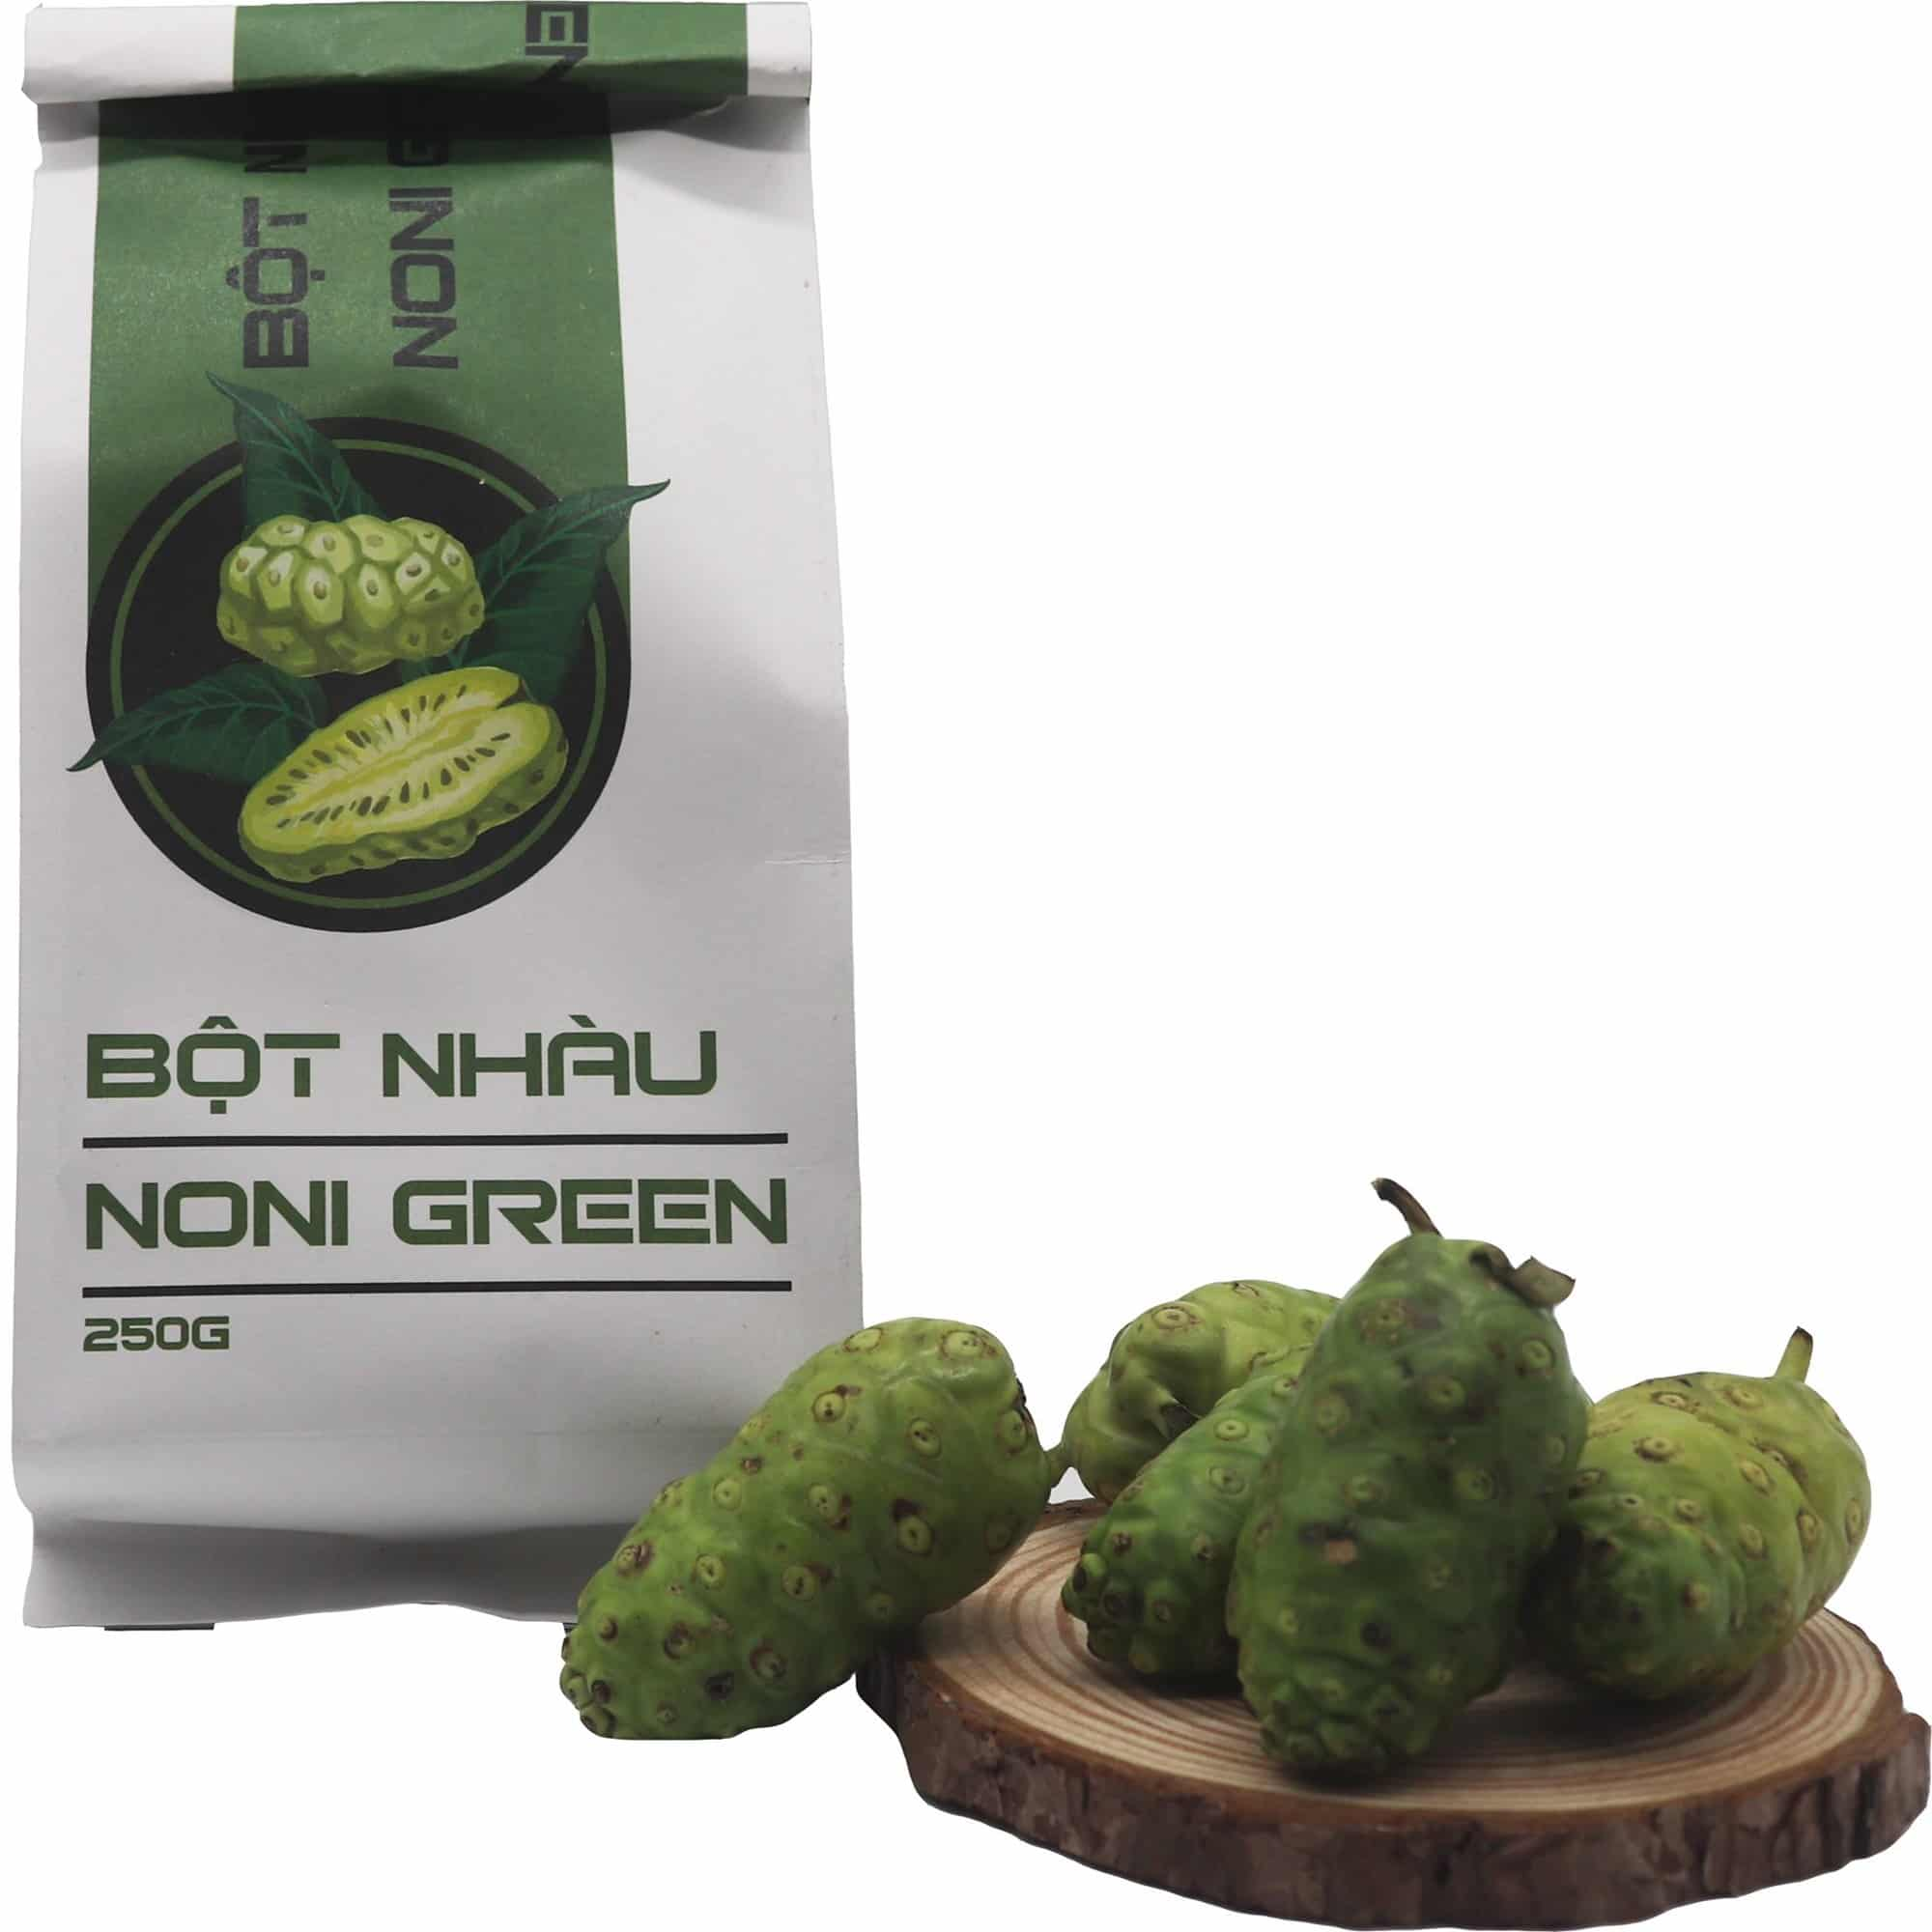 Bột nhàu 노니 가루 Noni Green 250g